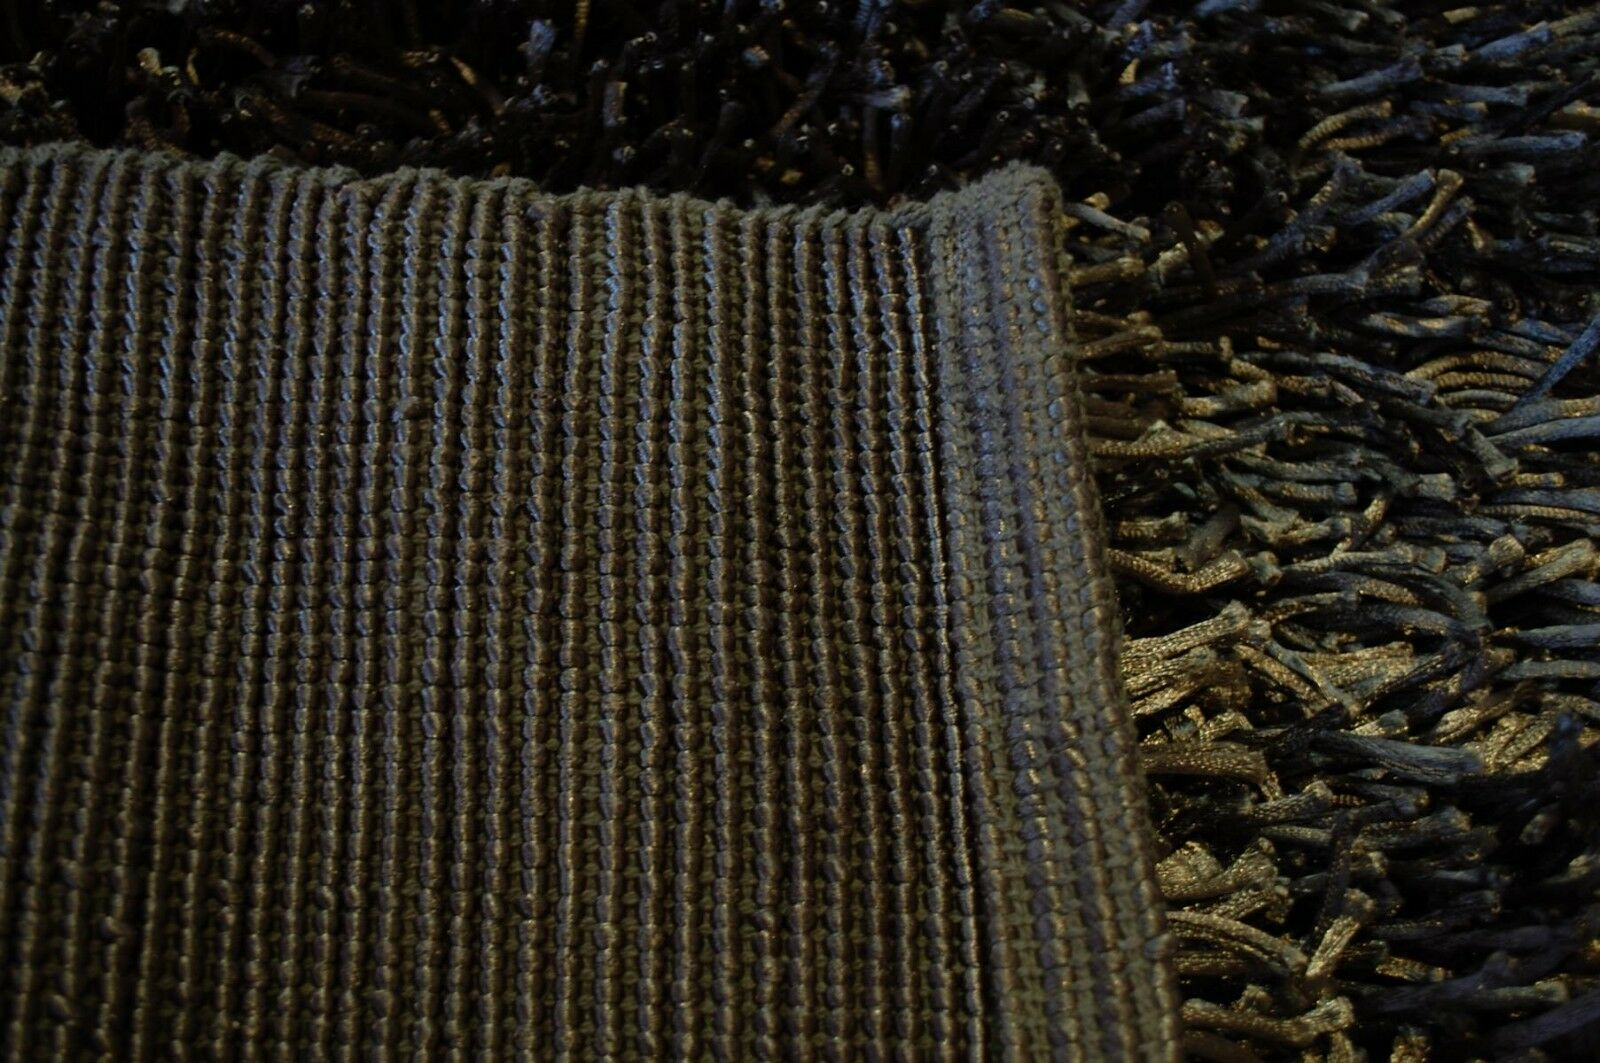 Badteppich Badteppich Badteppich Aquanova Kemen 269 Forest dunkel grün 80x160cm Langflor db9143